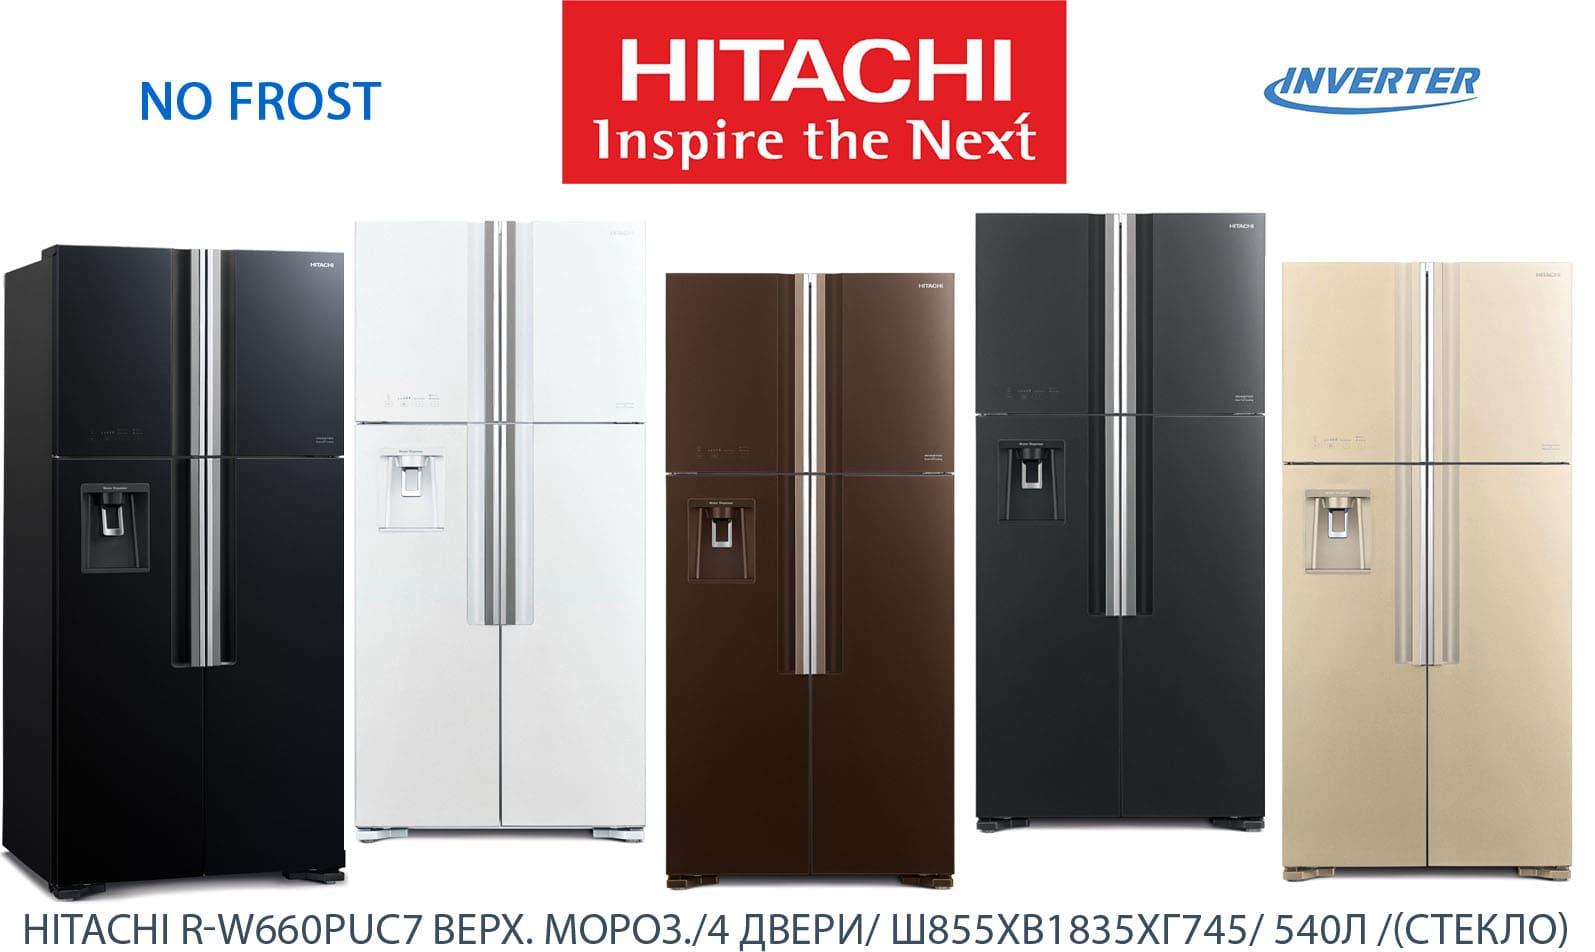 Hitachi_r-W660_vse_cveta Какие есть дополнительные функции у холодильника Hitachi